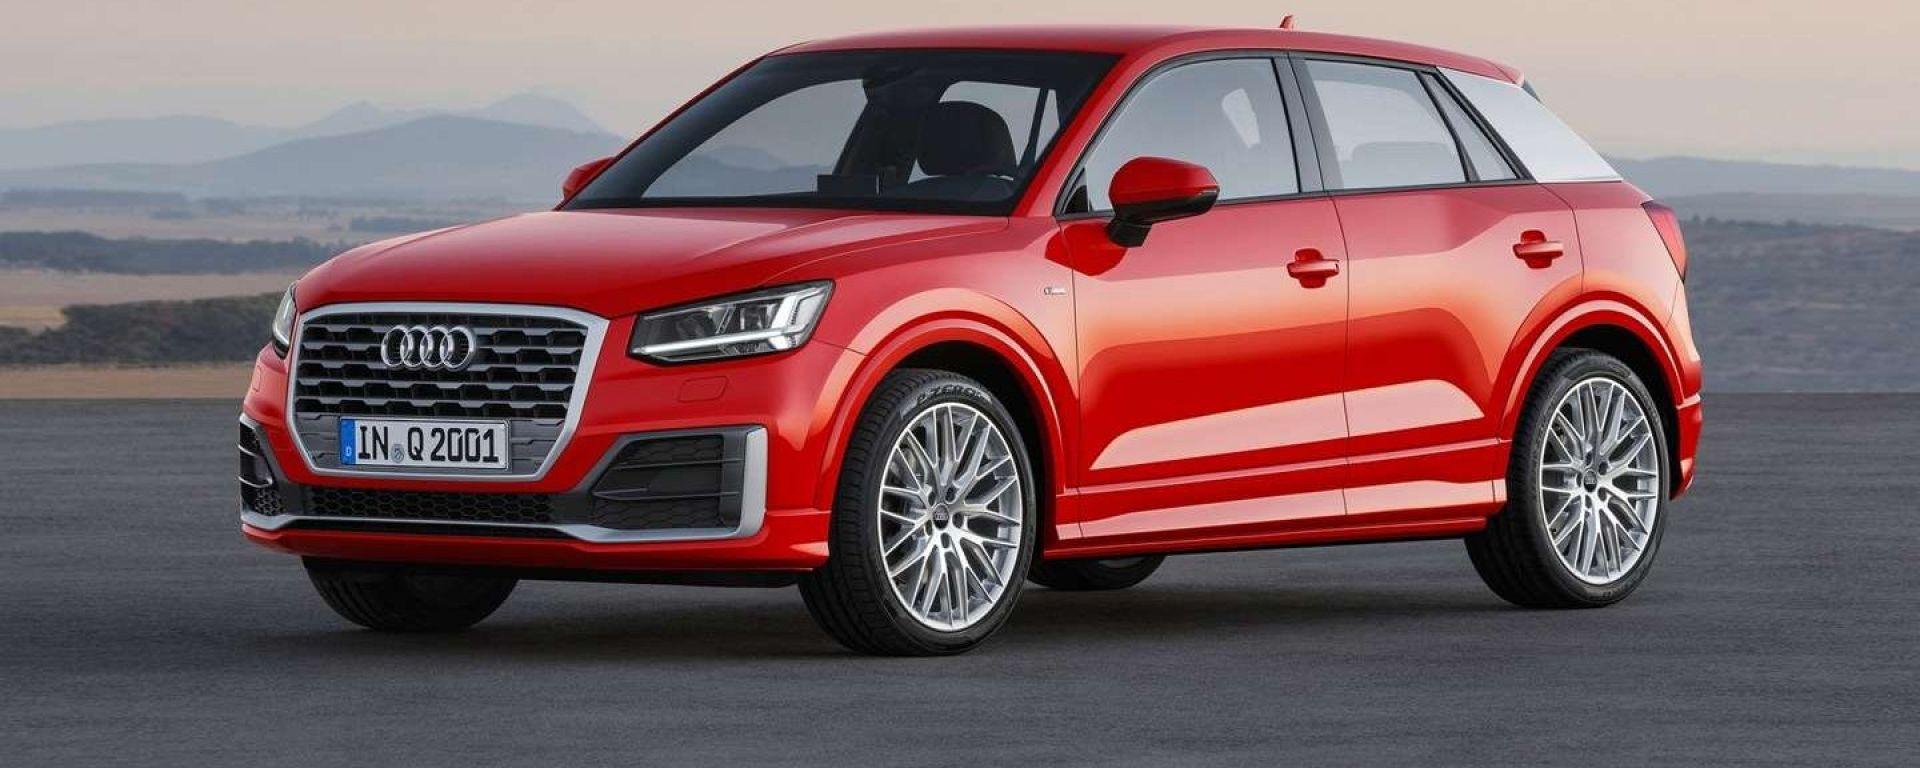 Nuova Audi Q2: il 1.5 TFSI da 150 CV è qui